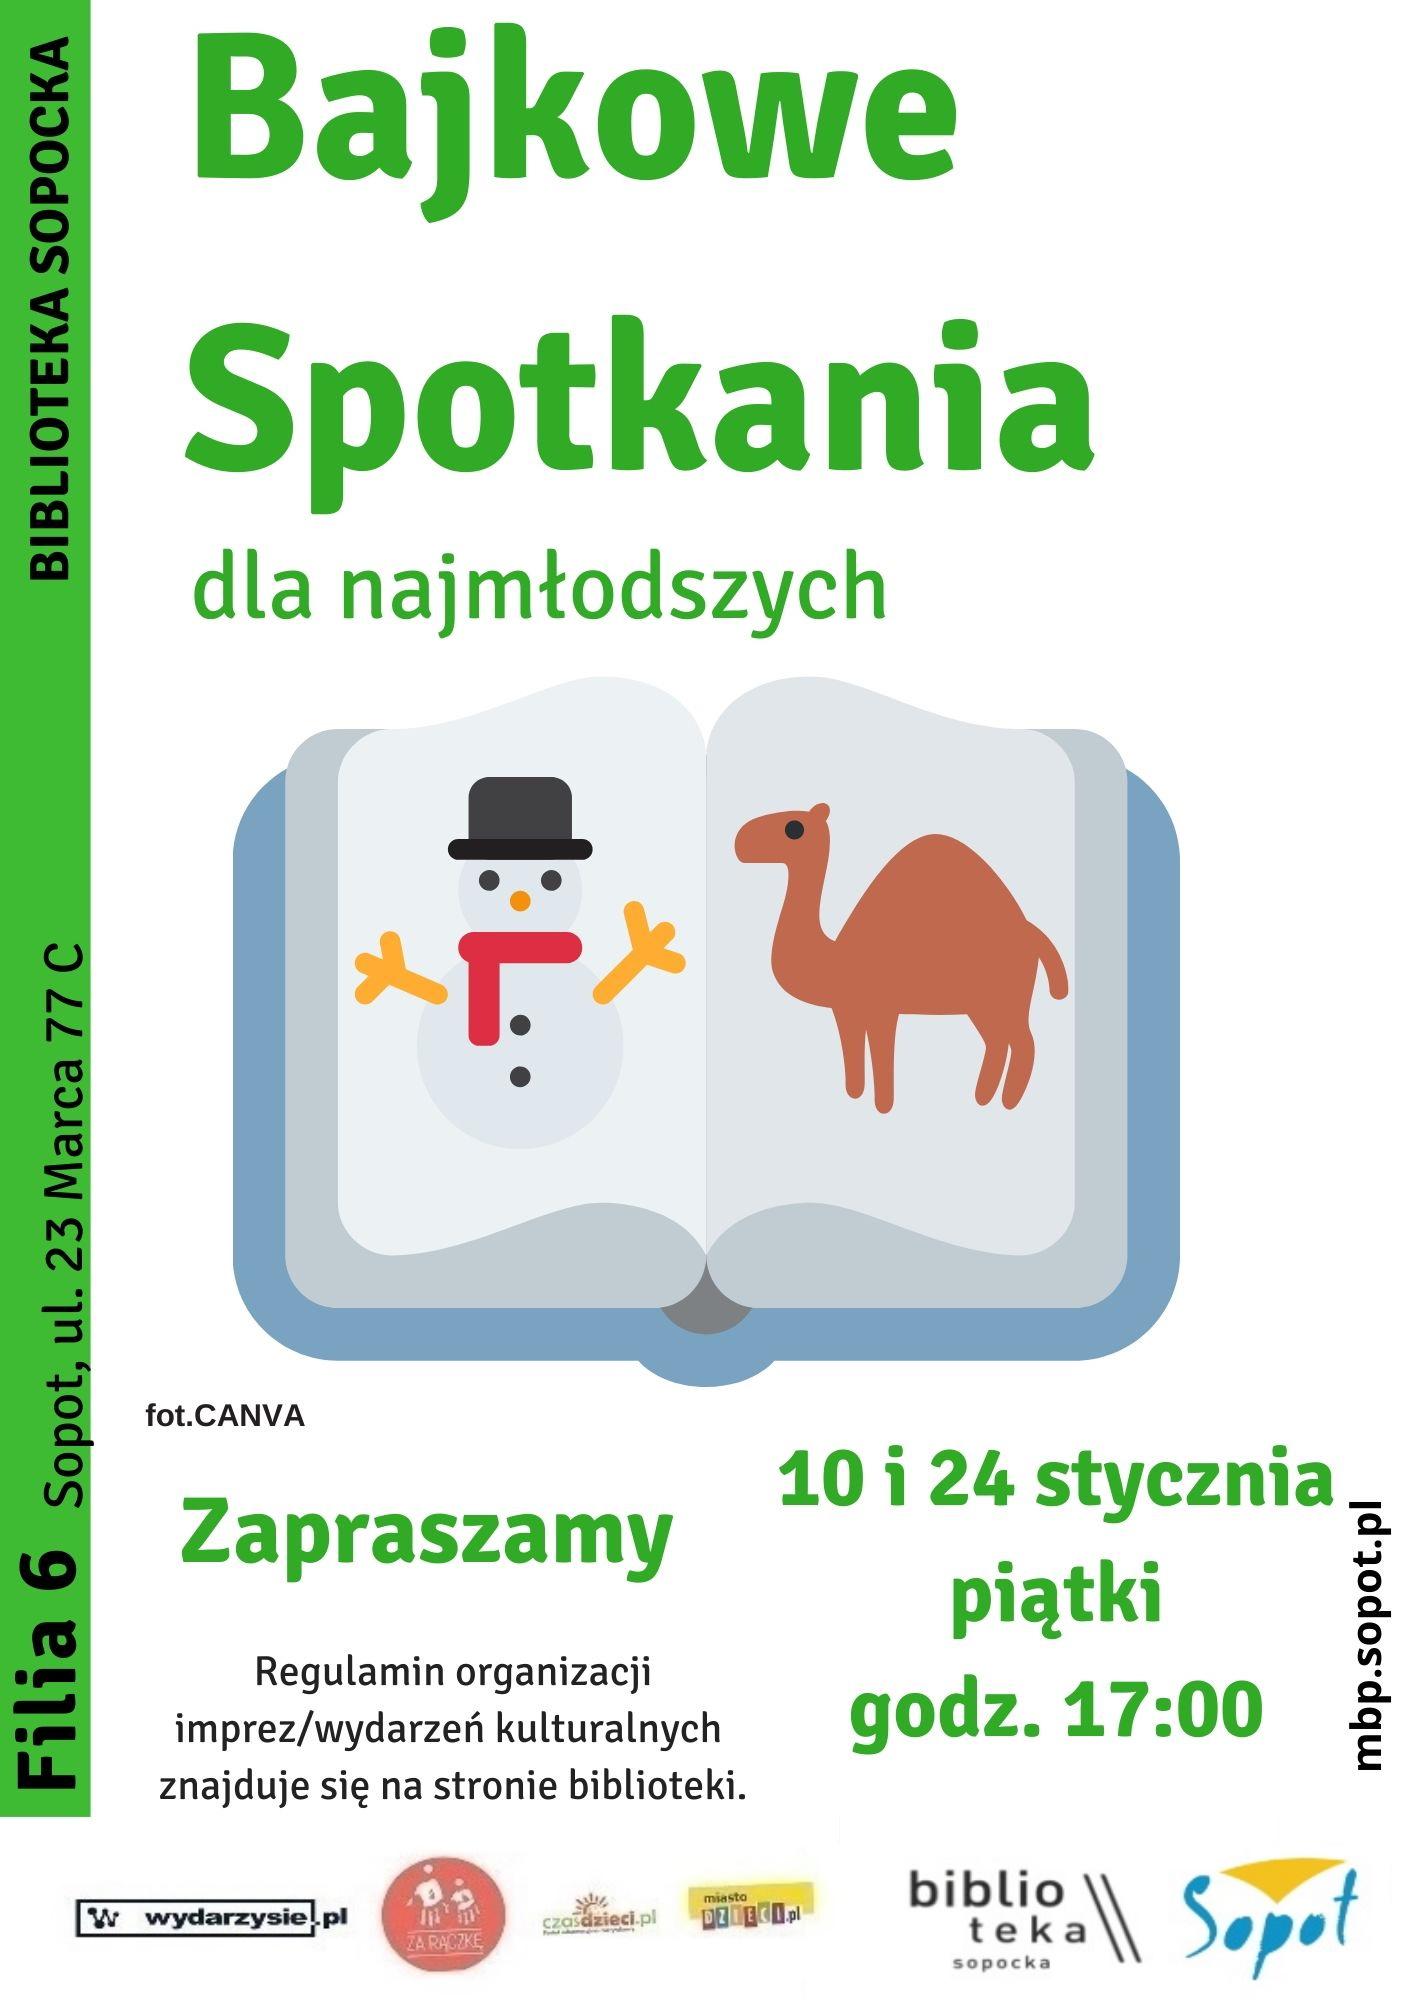 Biblioteka Sopocka: Bajkowe spotkania dla najmłodszych